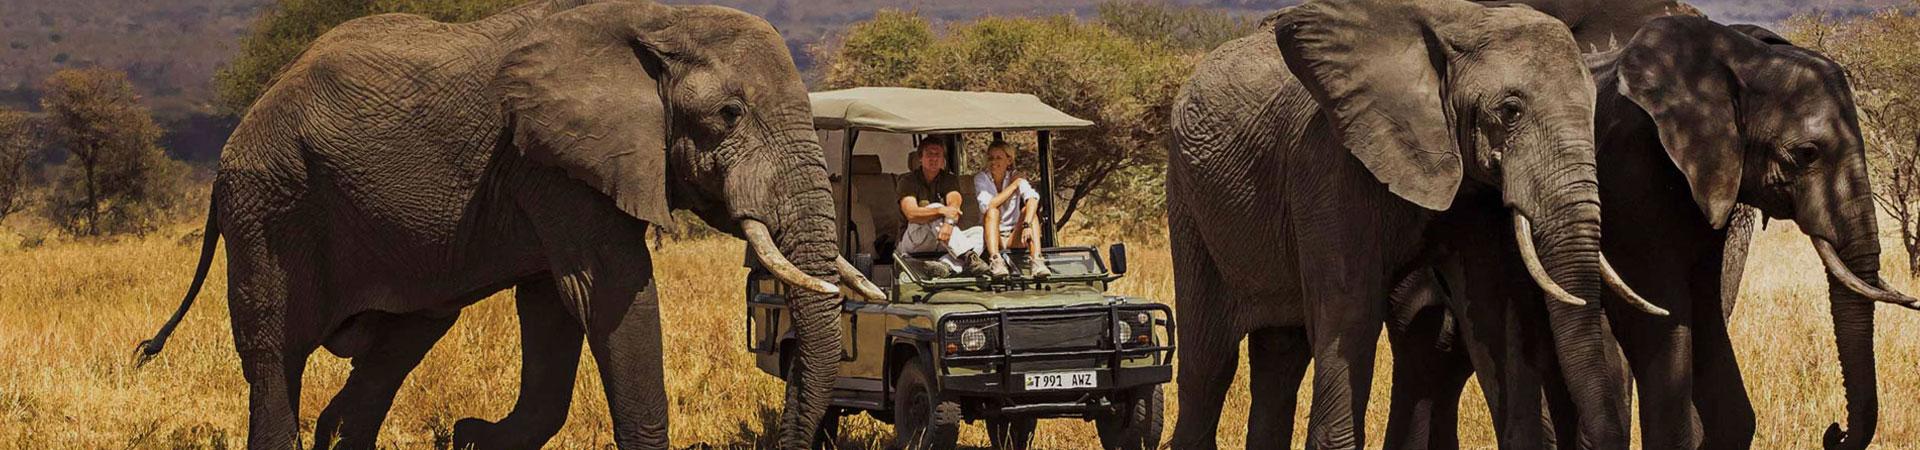 5-Day-Tanzania-Luxury-Safaris.